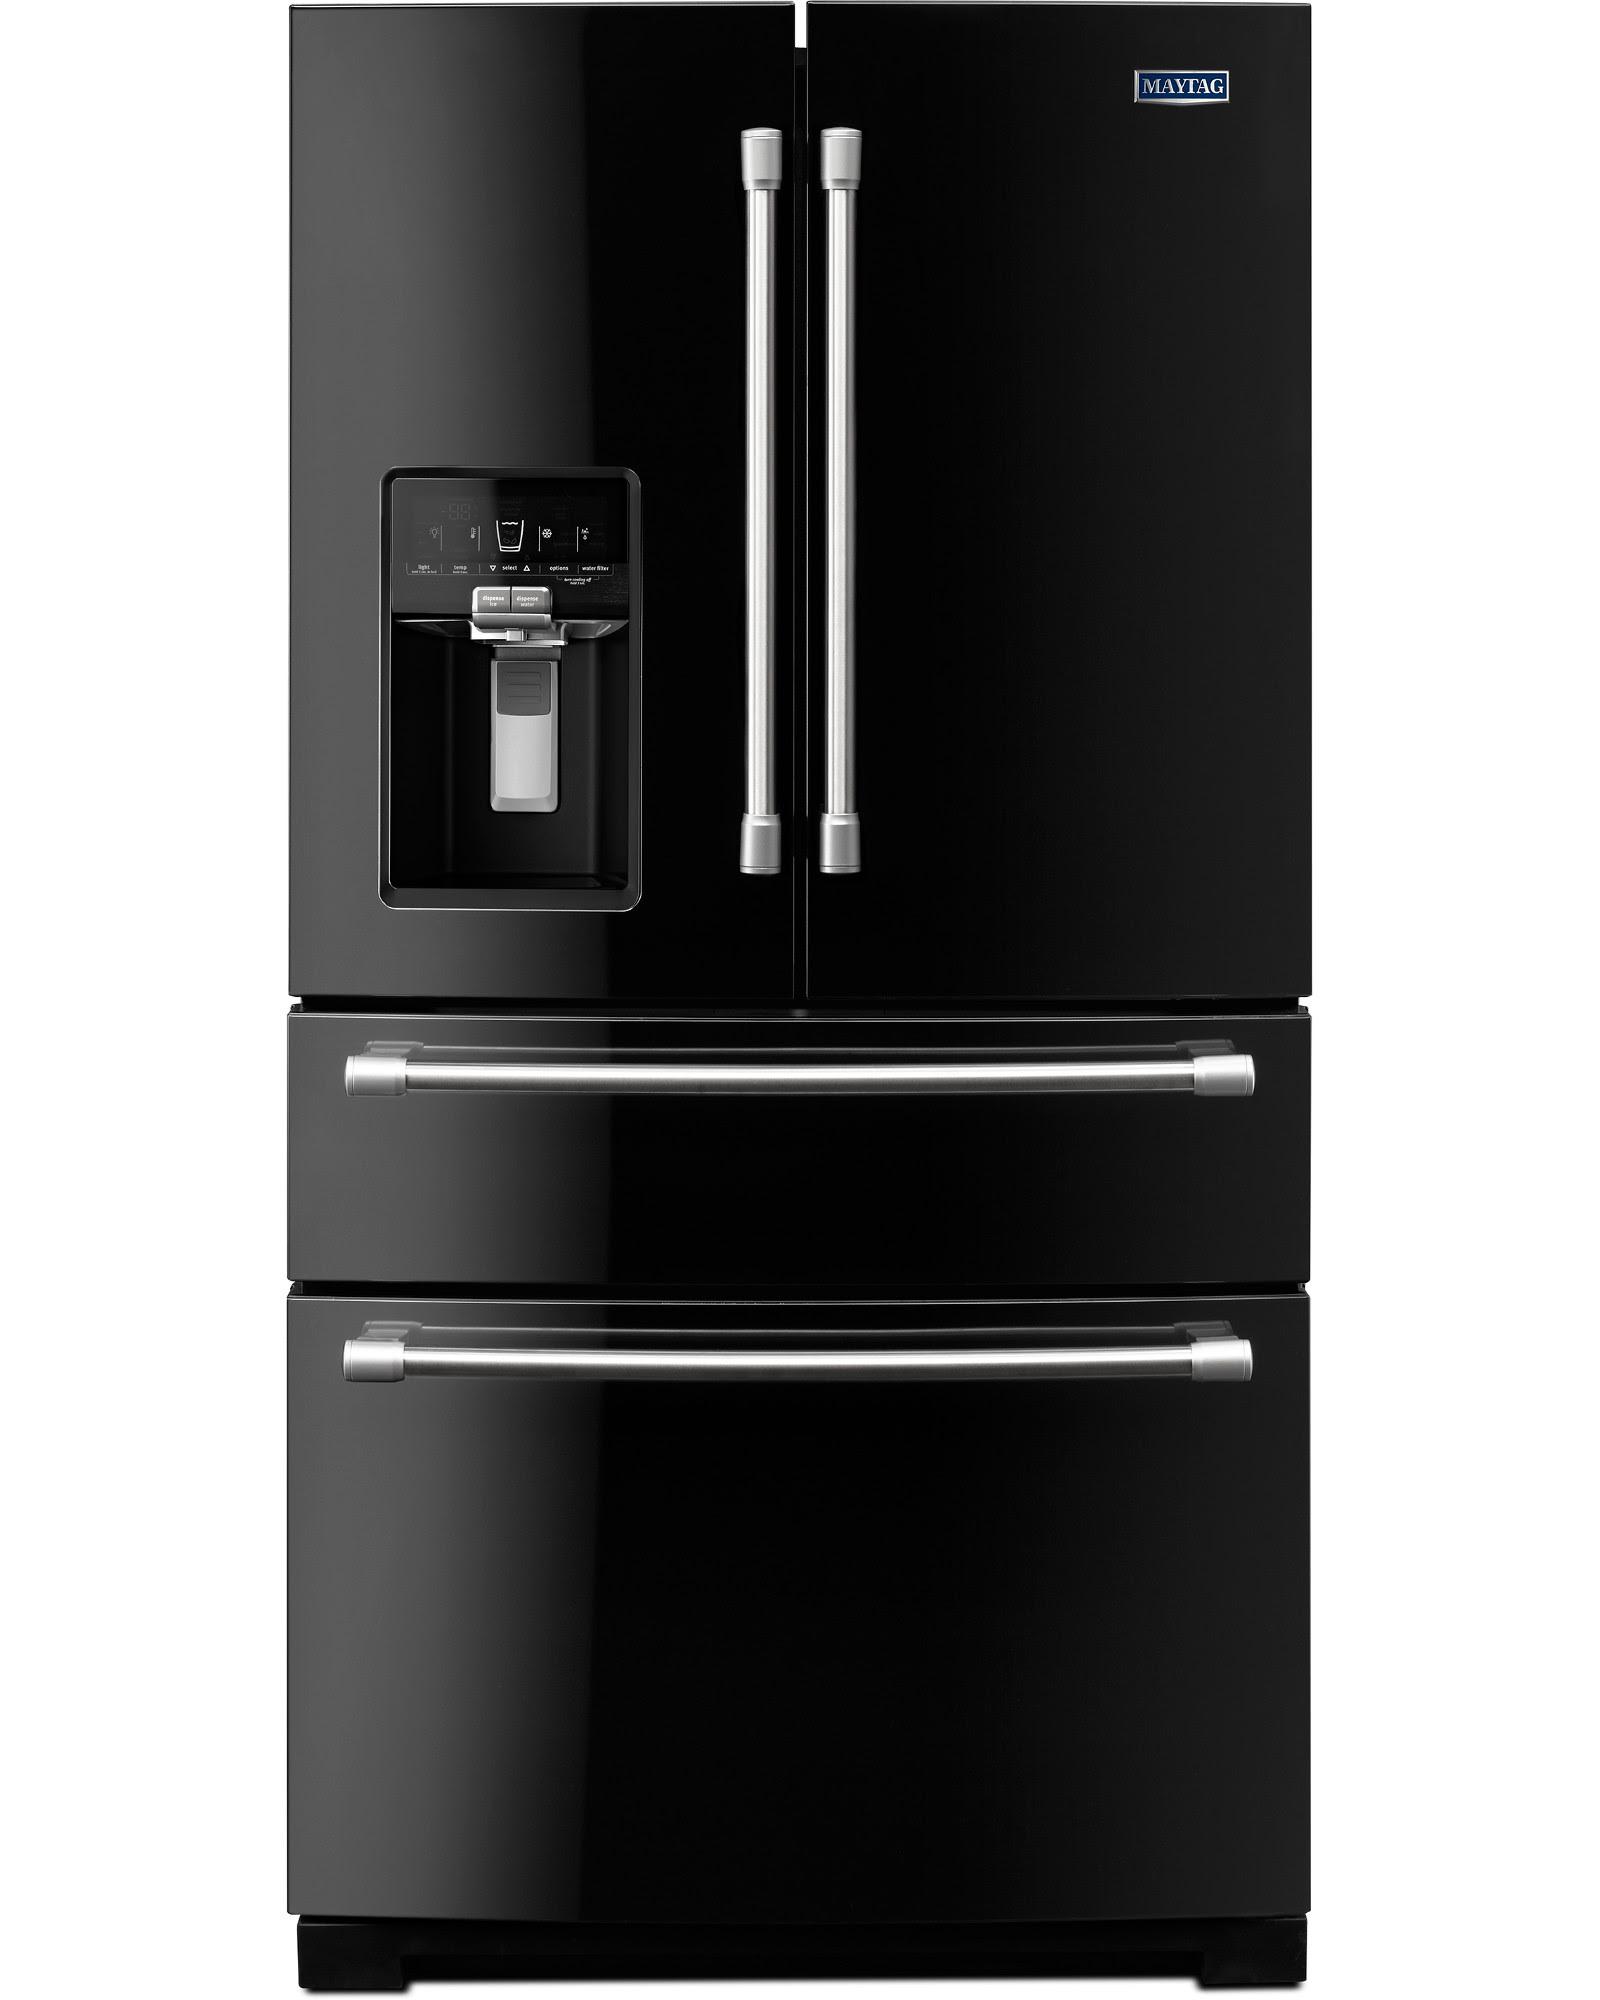 UPC Maytag MFX2876DRE 26 2 cu ft Bottom Freezer